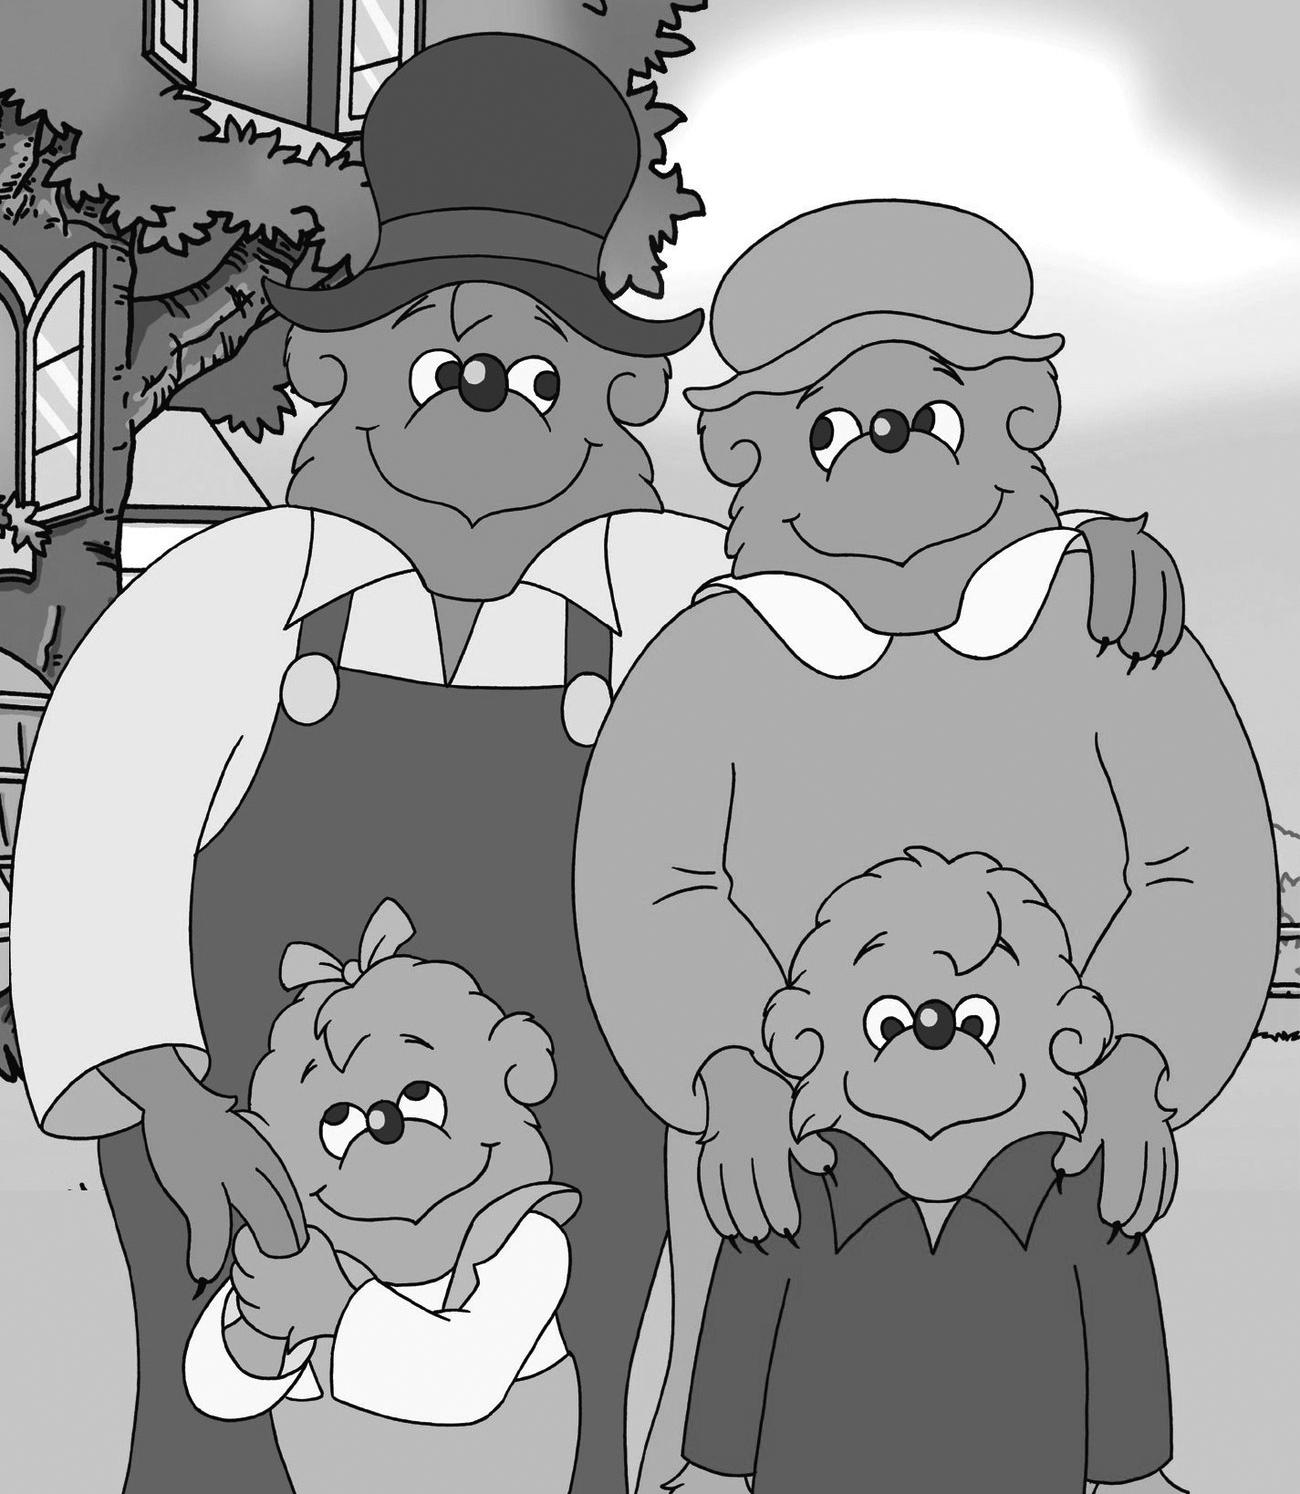 Berenstein or Berenstain?: Children's show